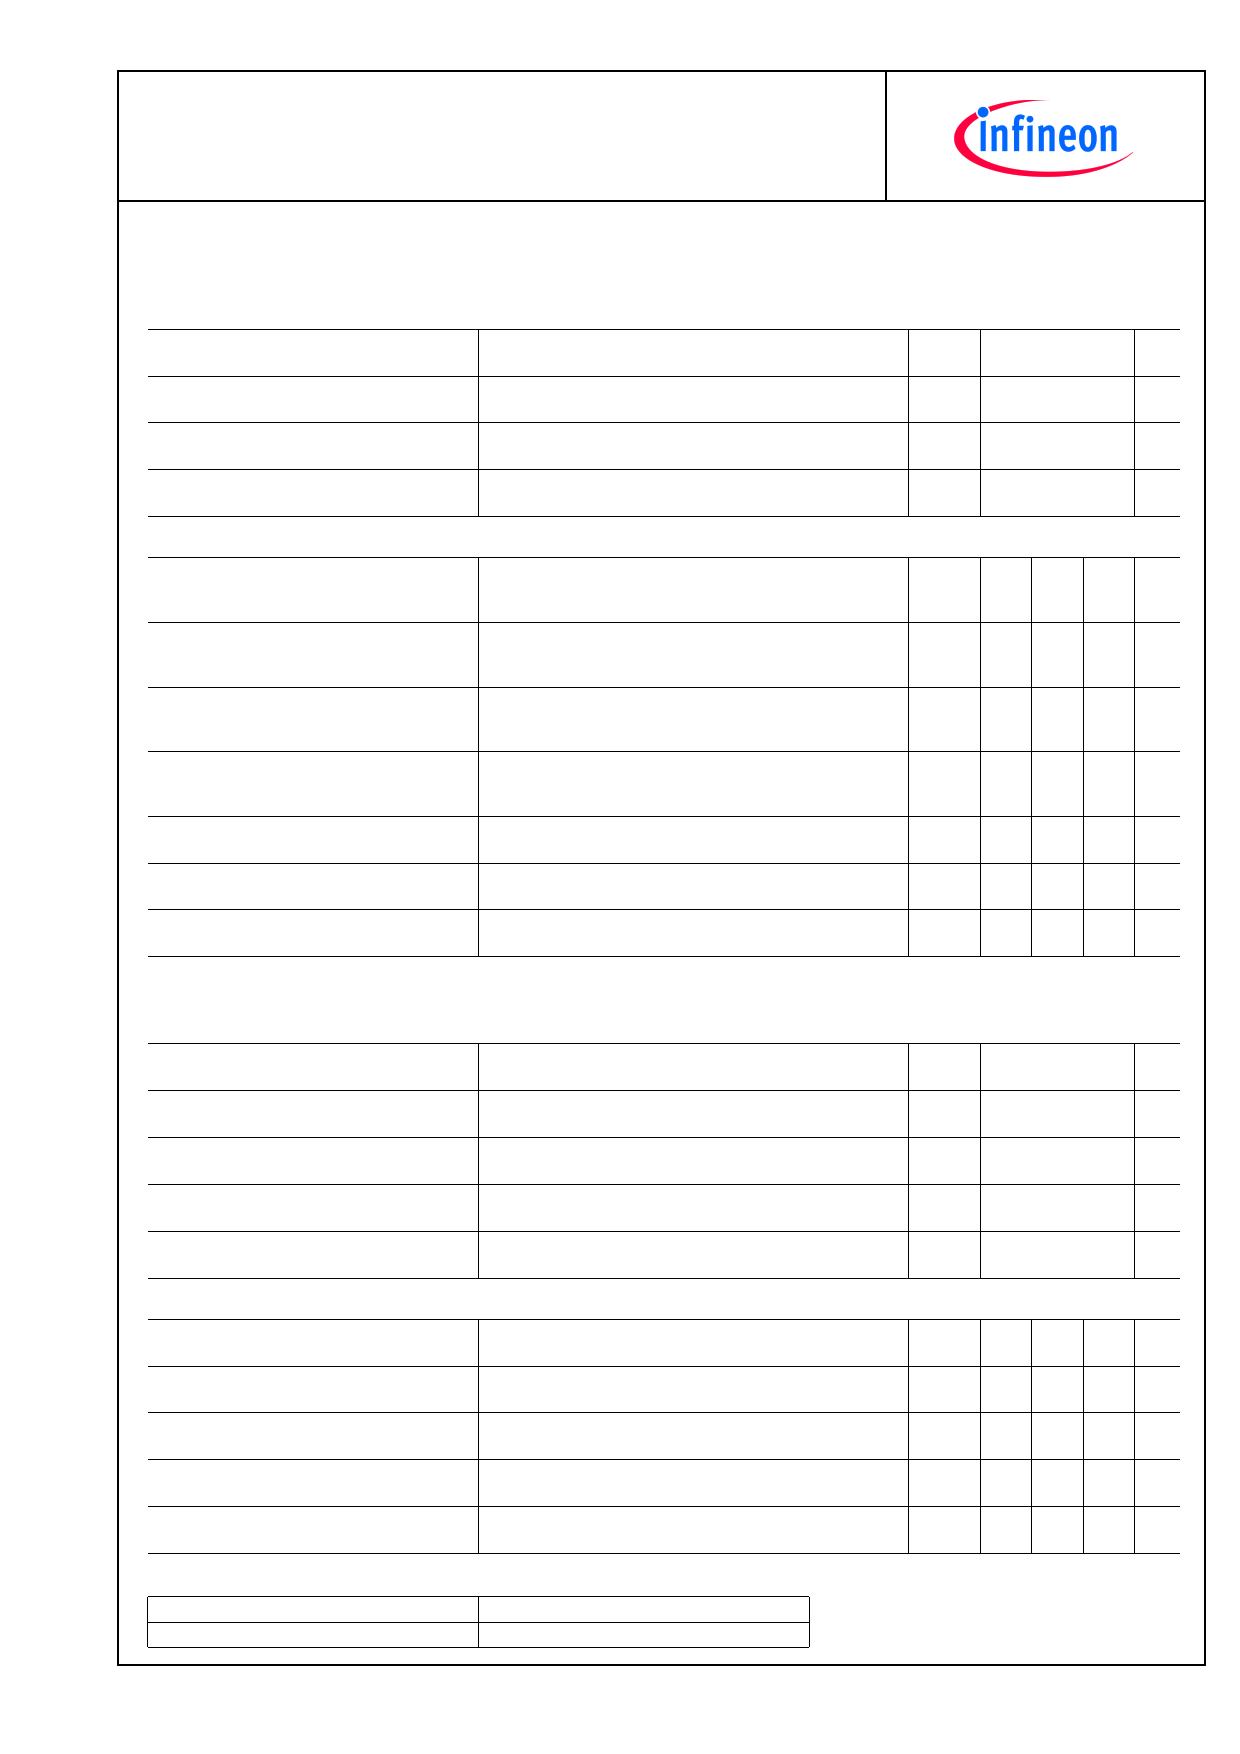 FP30R06W1E3 pdf, ピン配列